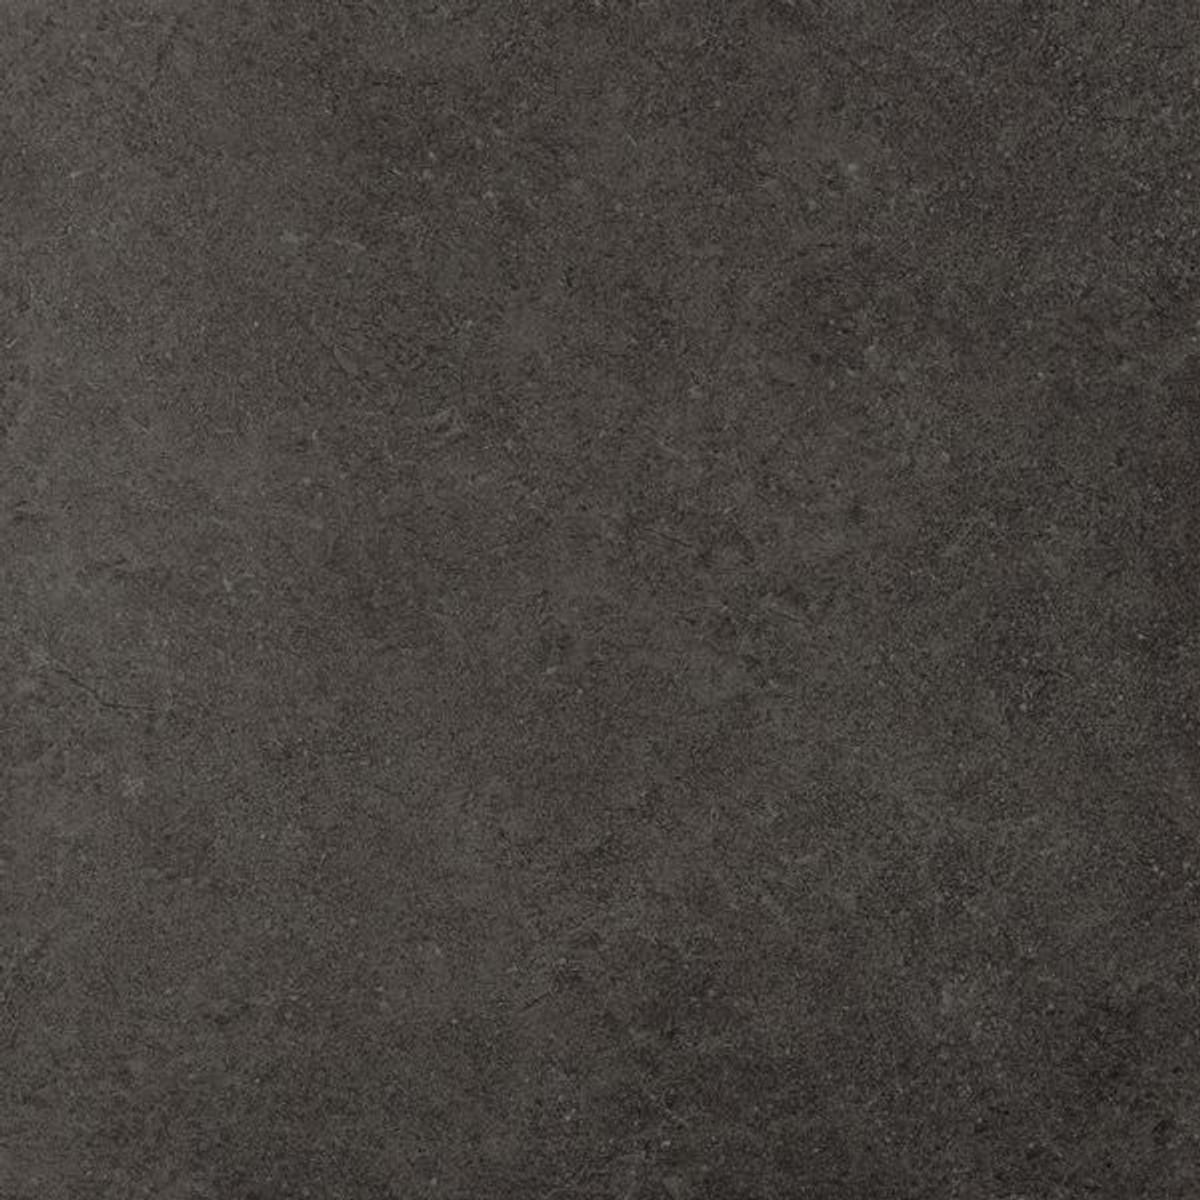 Bodenfliese Cerdisa Yestone black 50 x 50 cm